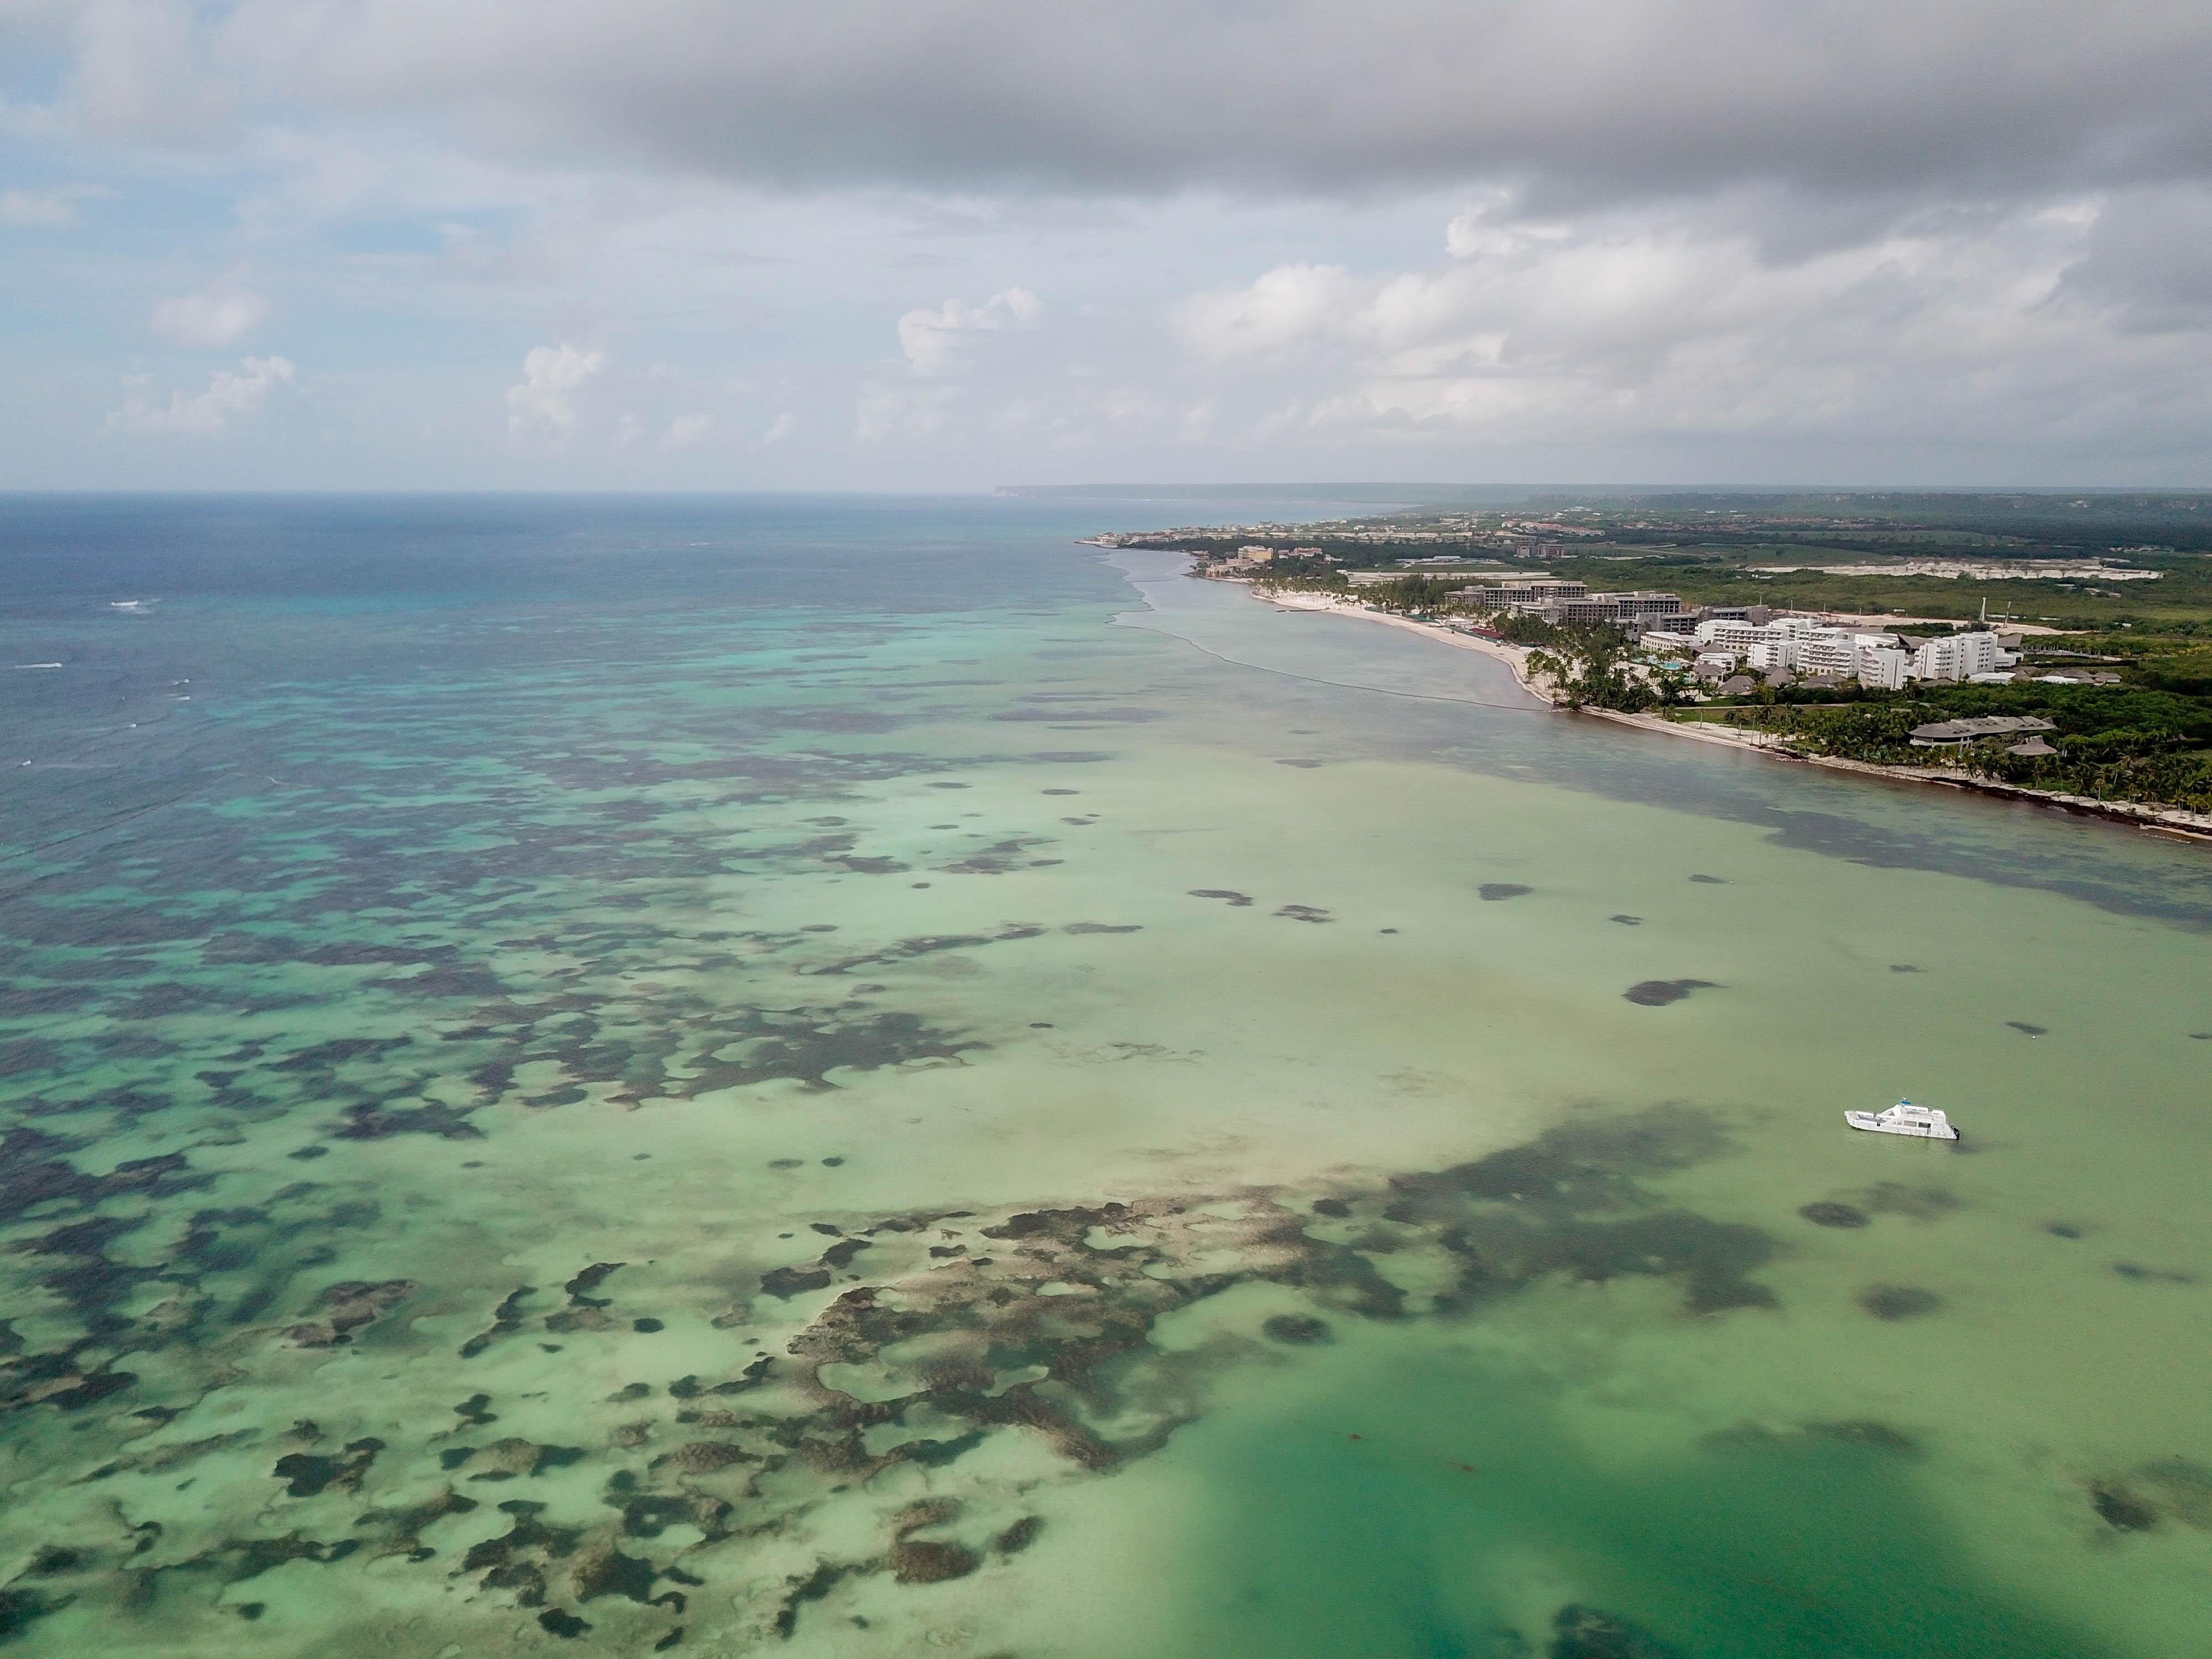 Punta Cana - Punta Cana - O que você precisa saber antes de embarcar